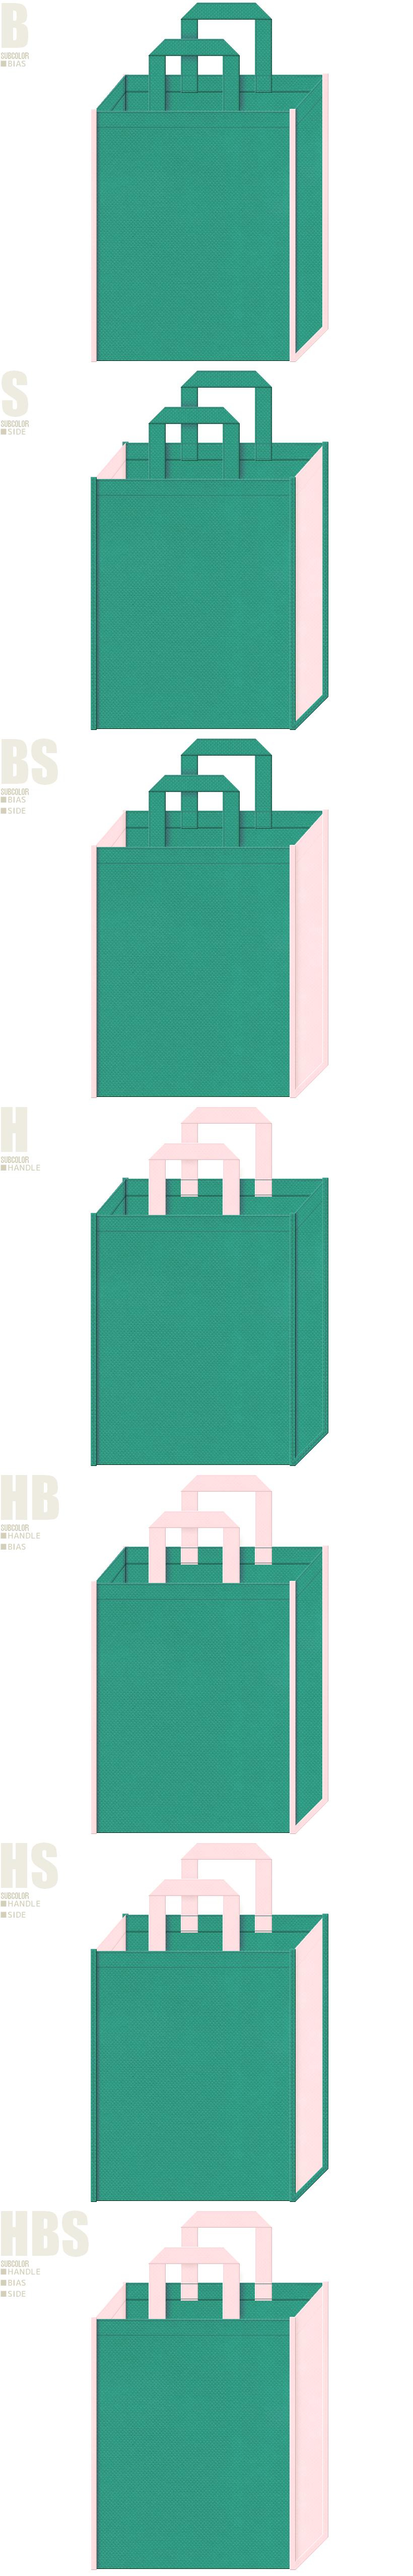 シャンプー・石鹸・洗剤・入浴剤・バス用品・お掃除用品・家庭用品の展示会用バッグにお奨めの不織布バッグのデザイン:青緑色と桜色の配色7パターン